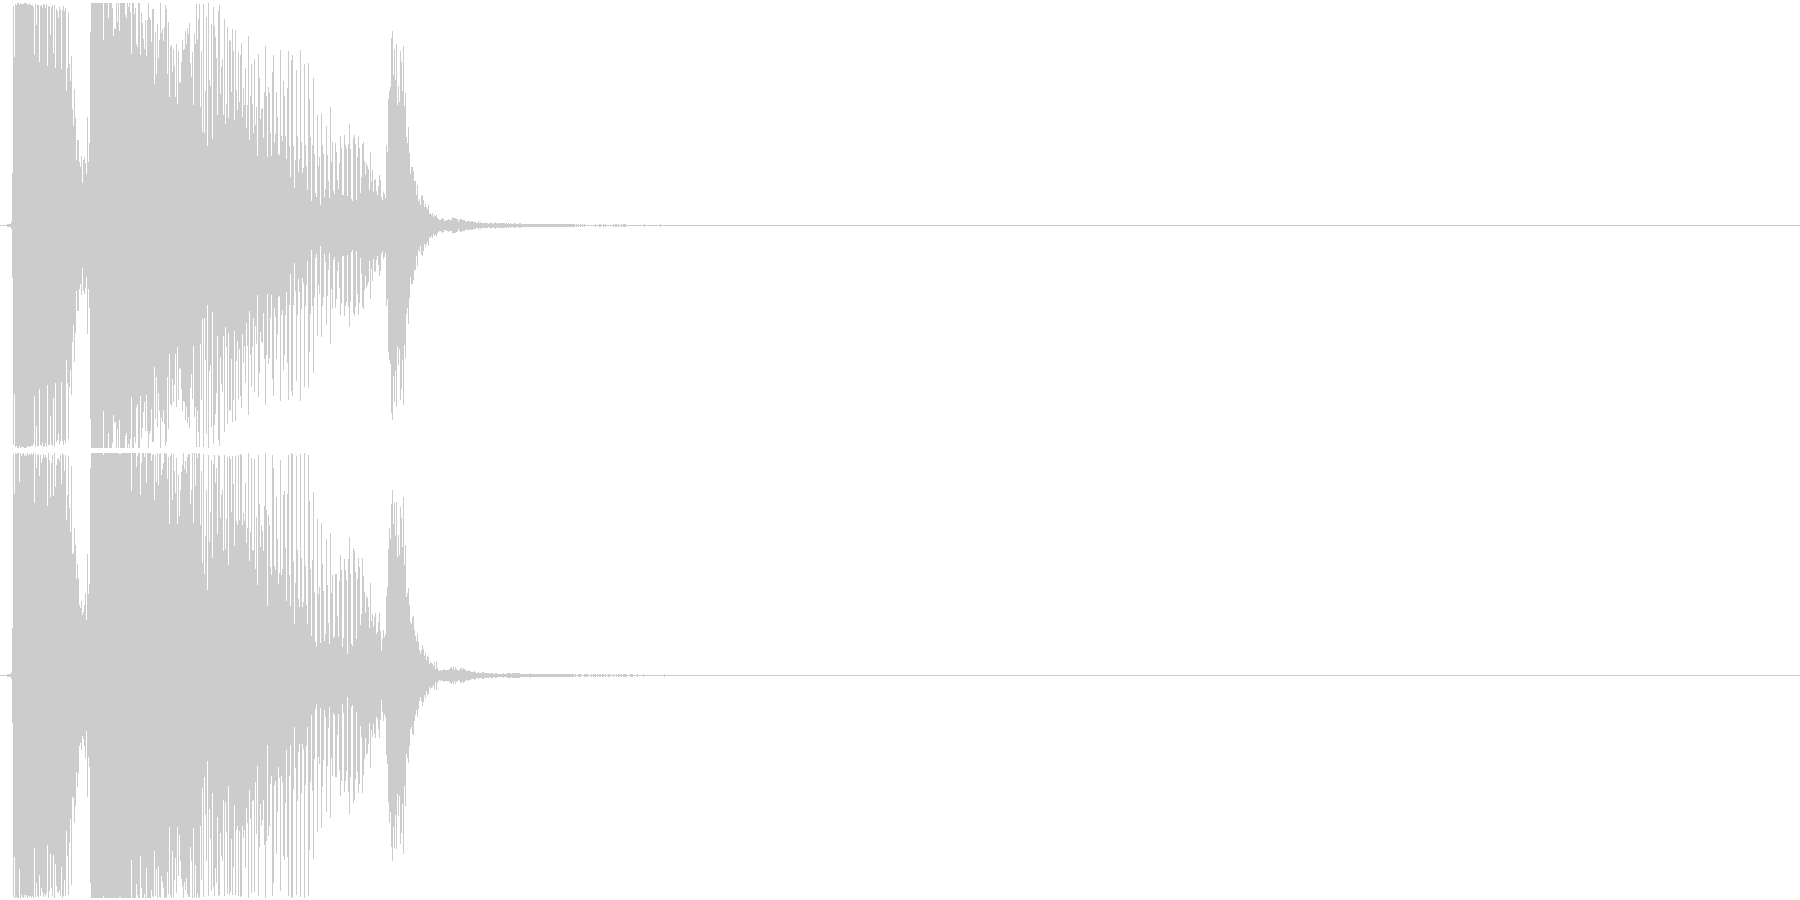 「エクセレント」アプリ・ゲーム用の未再生の波形